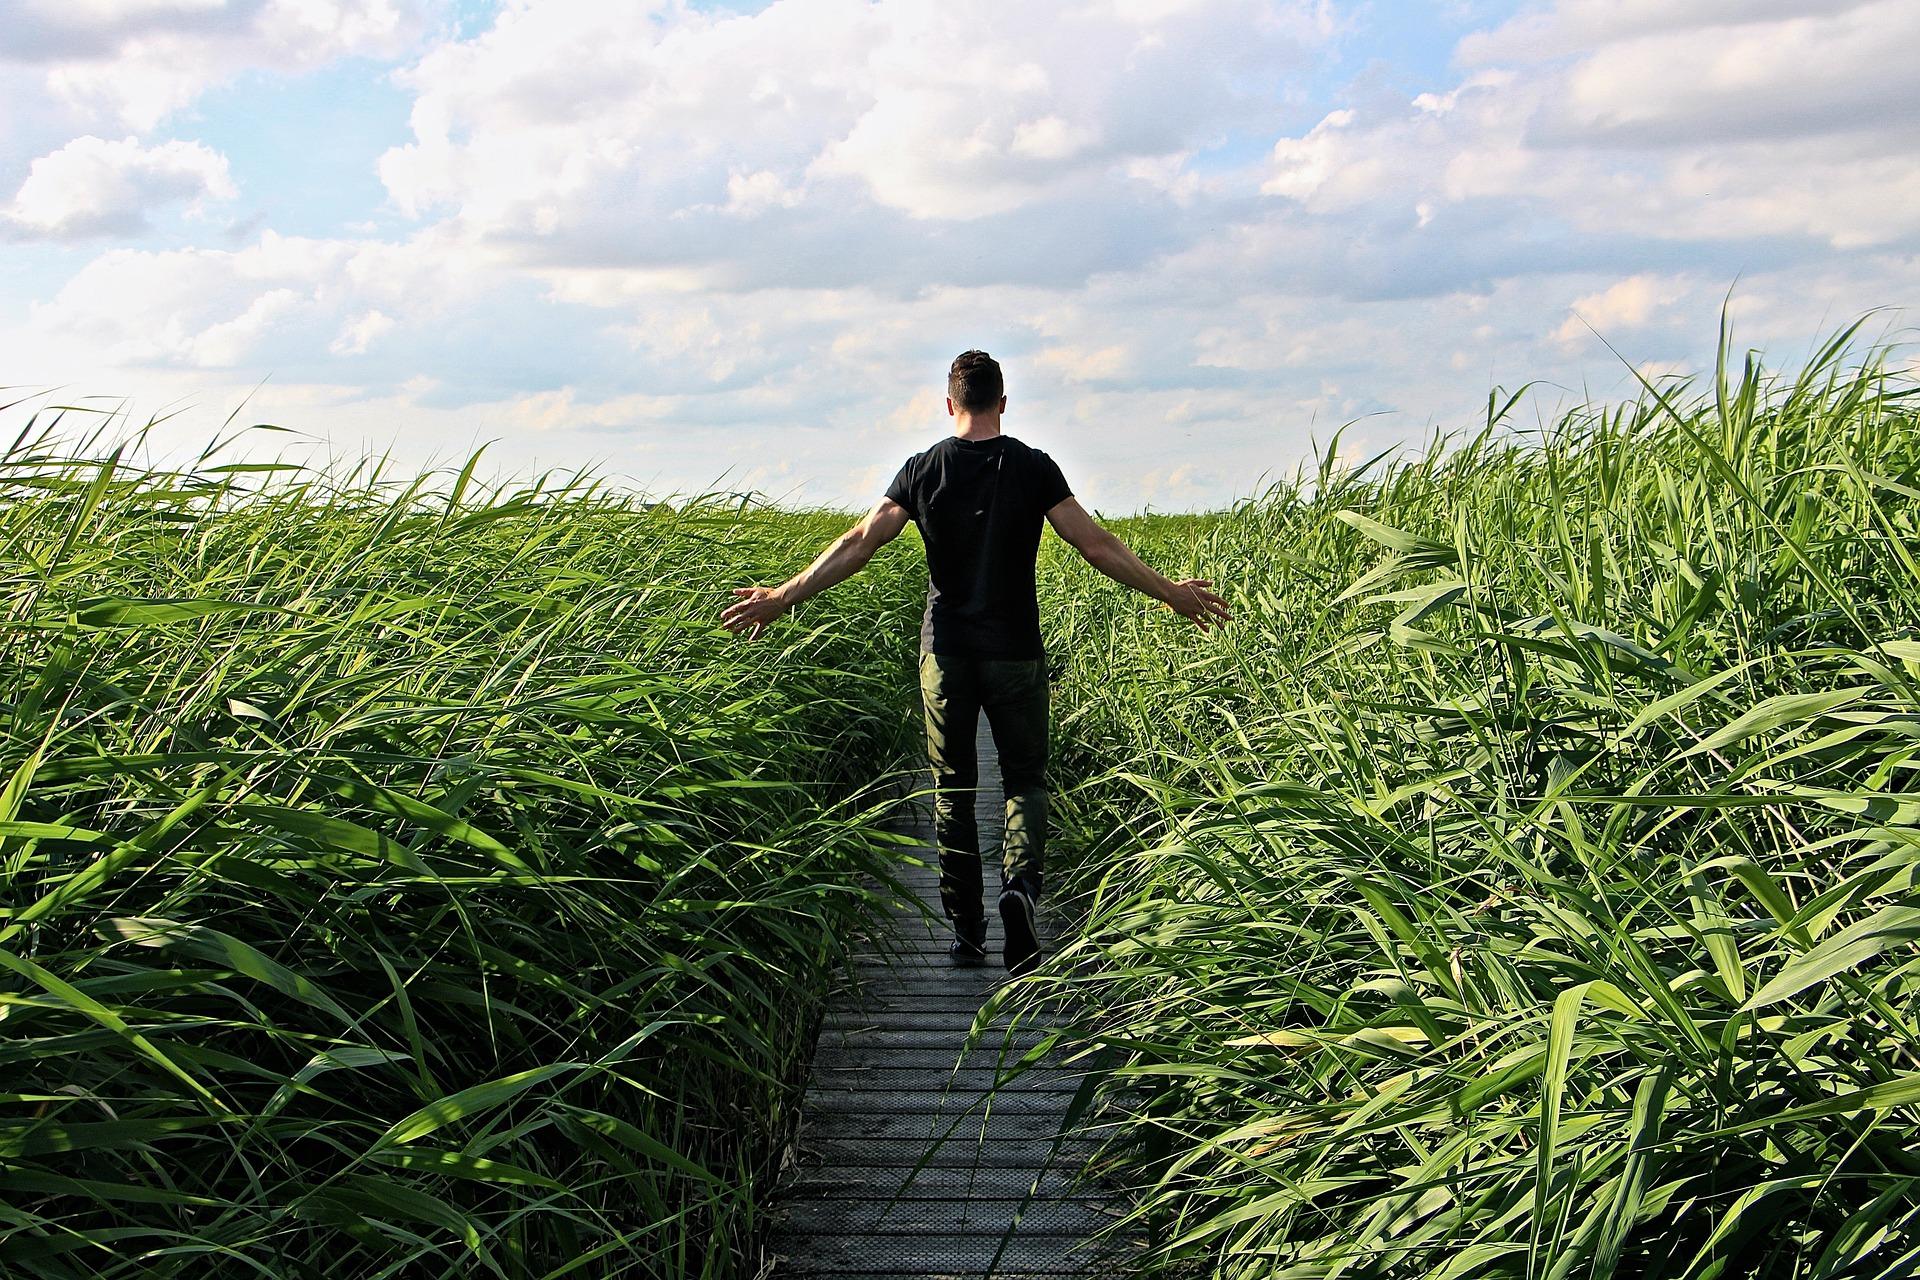 Spazieren gehen im hohen Gras